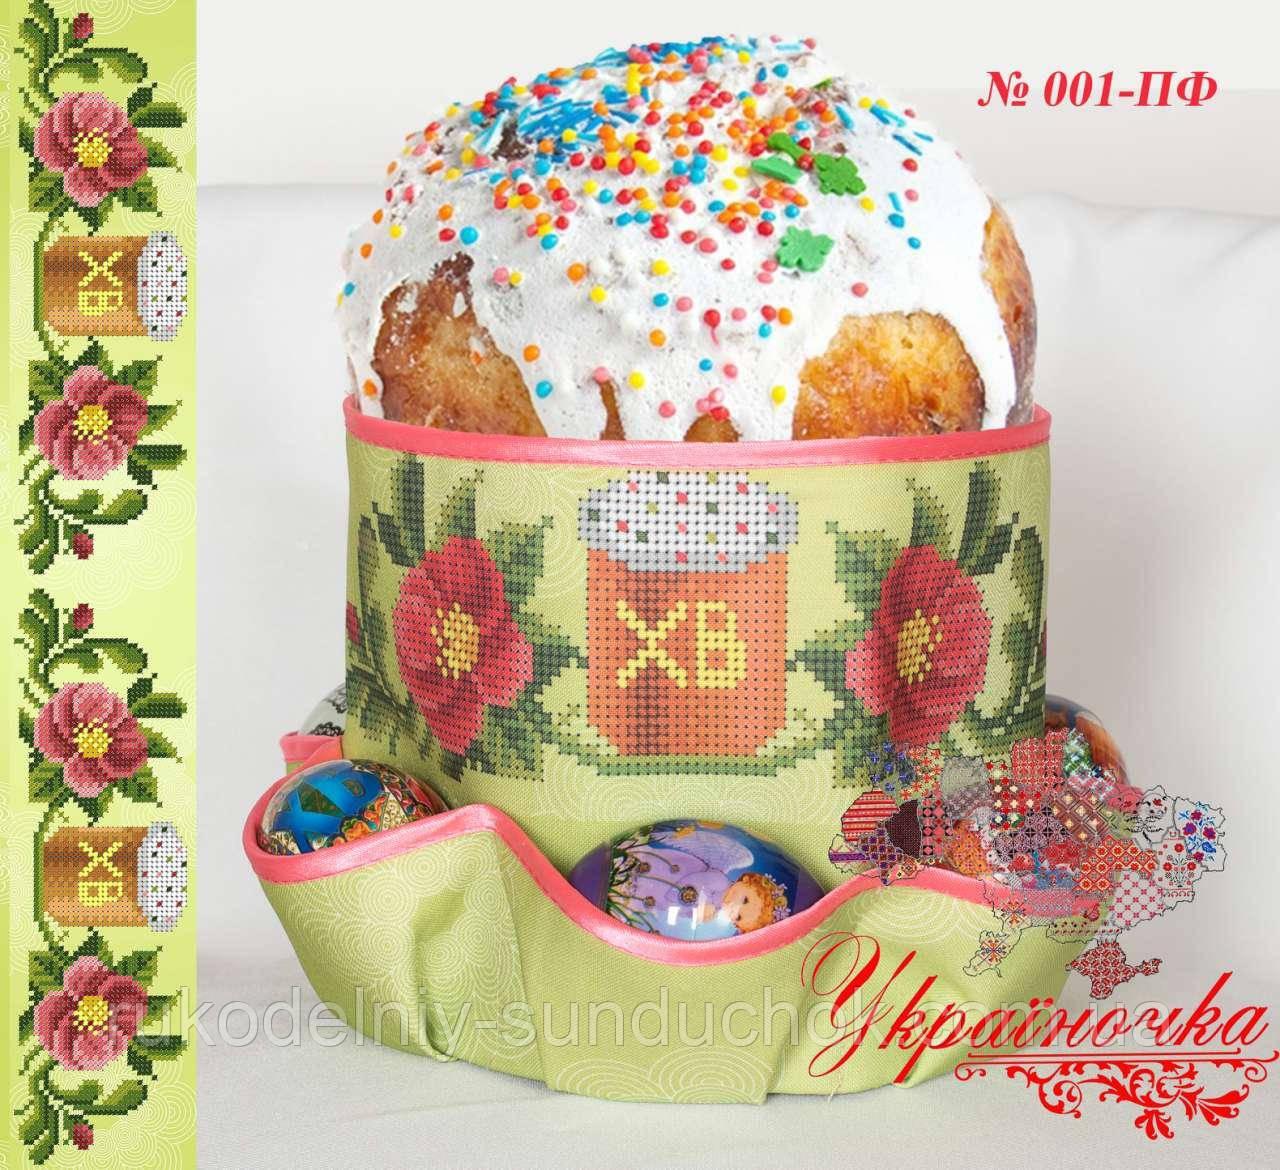 Набор для вышивания бисером Пасхальная декоративная подставка ТМ Украиночка 001-ПФ